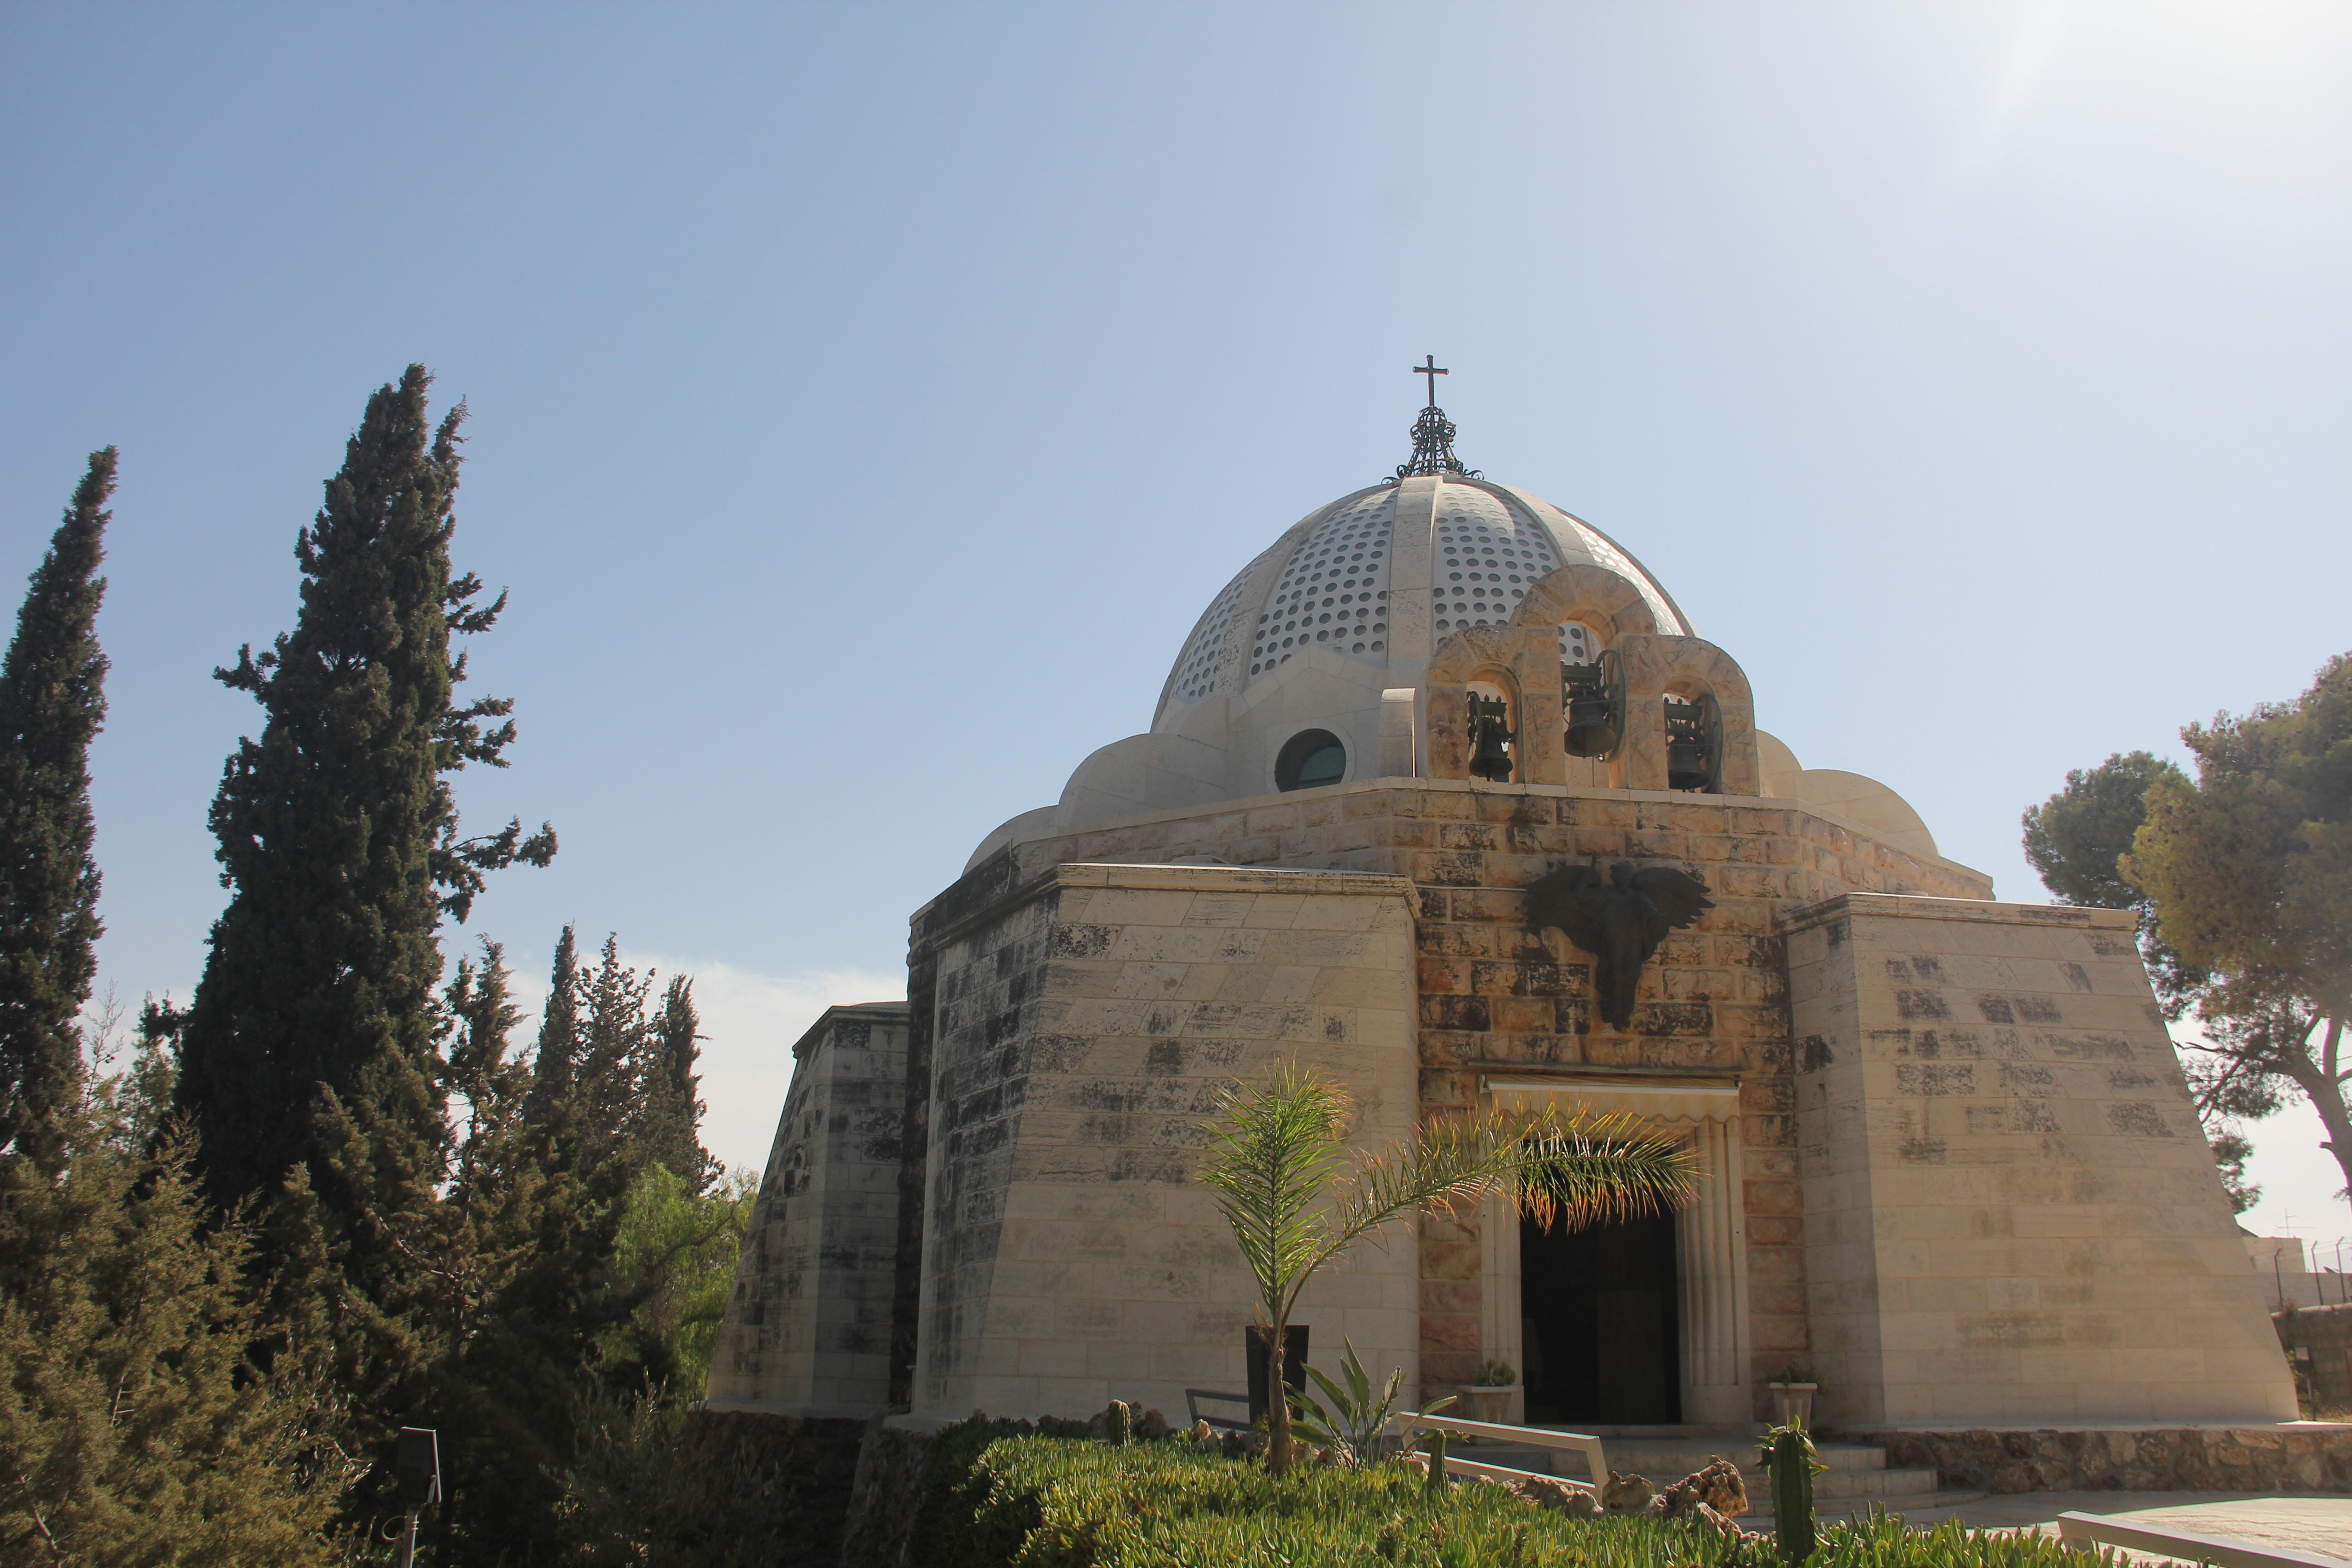 【伯利恆曠野】這是天使向牧羊人報彌賽亞降生喜訊的地方007